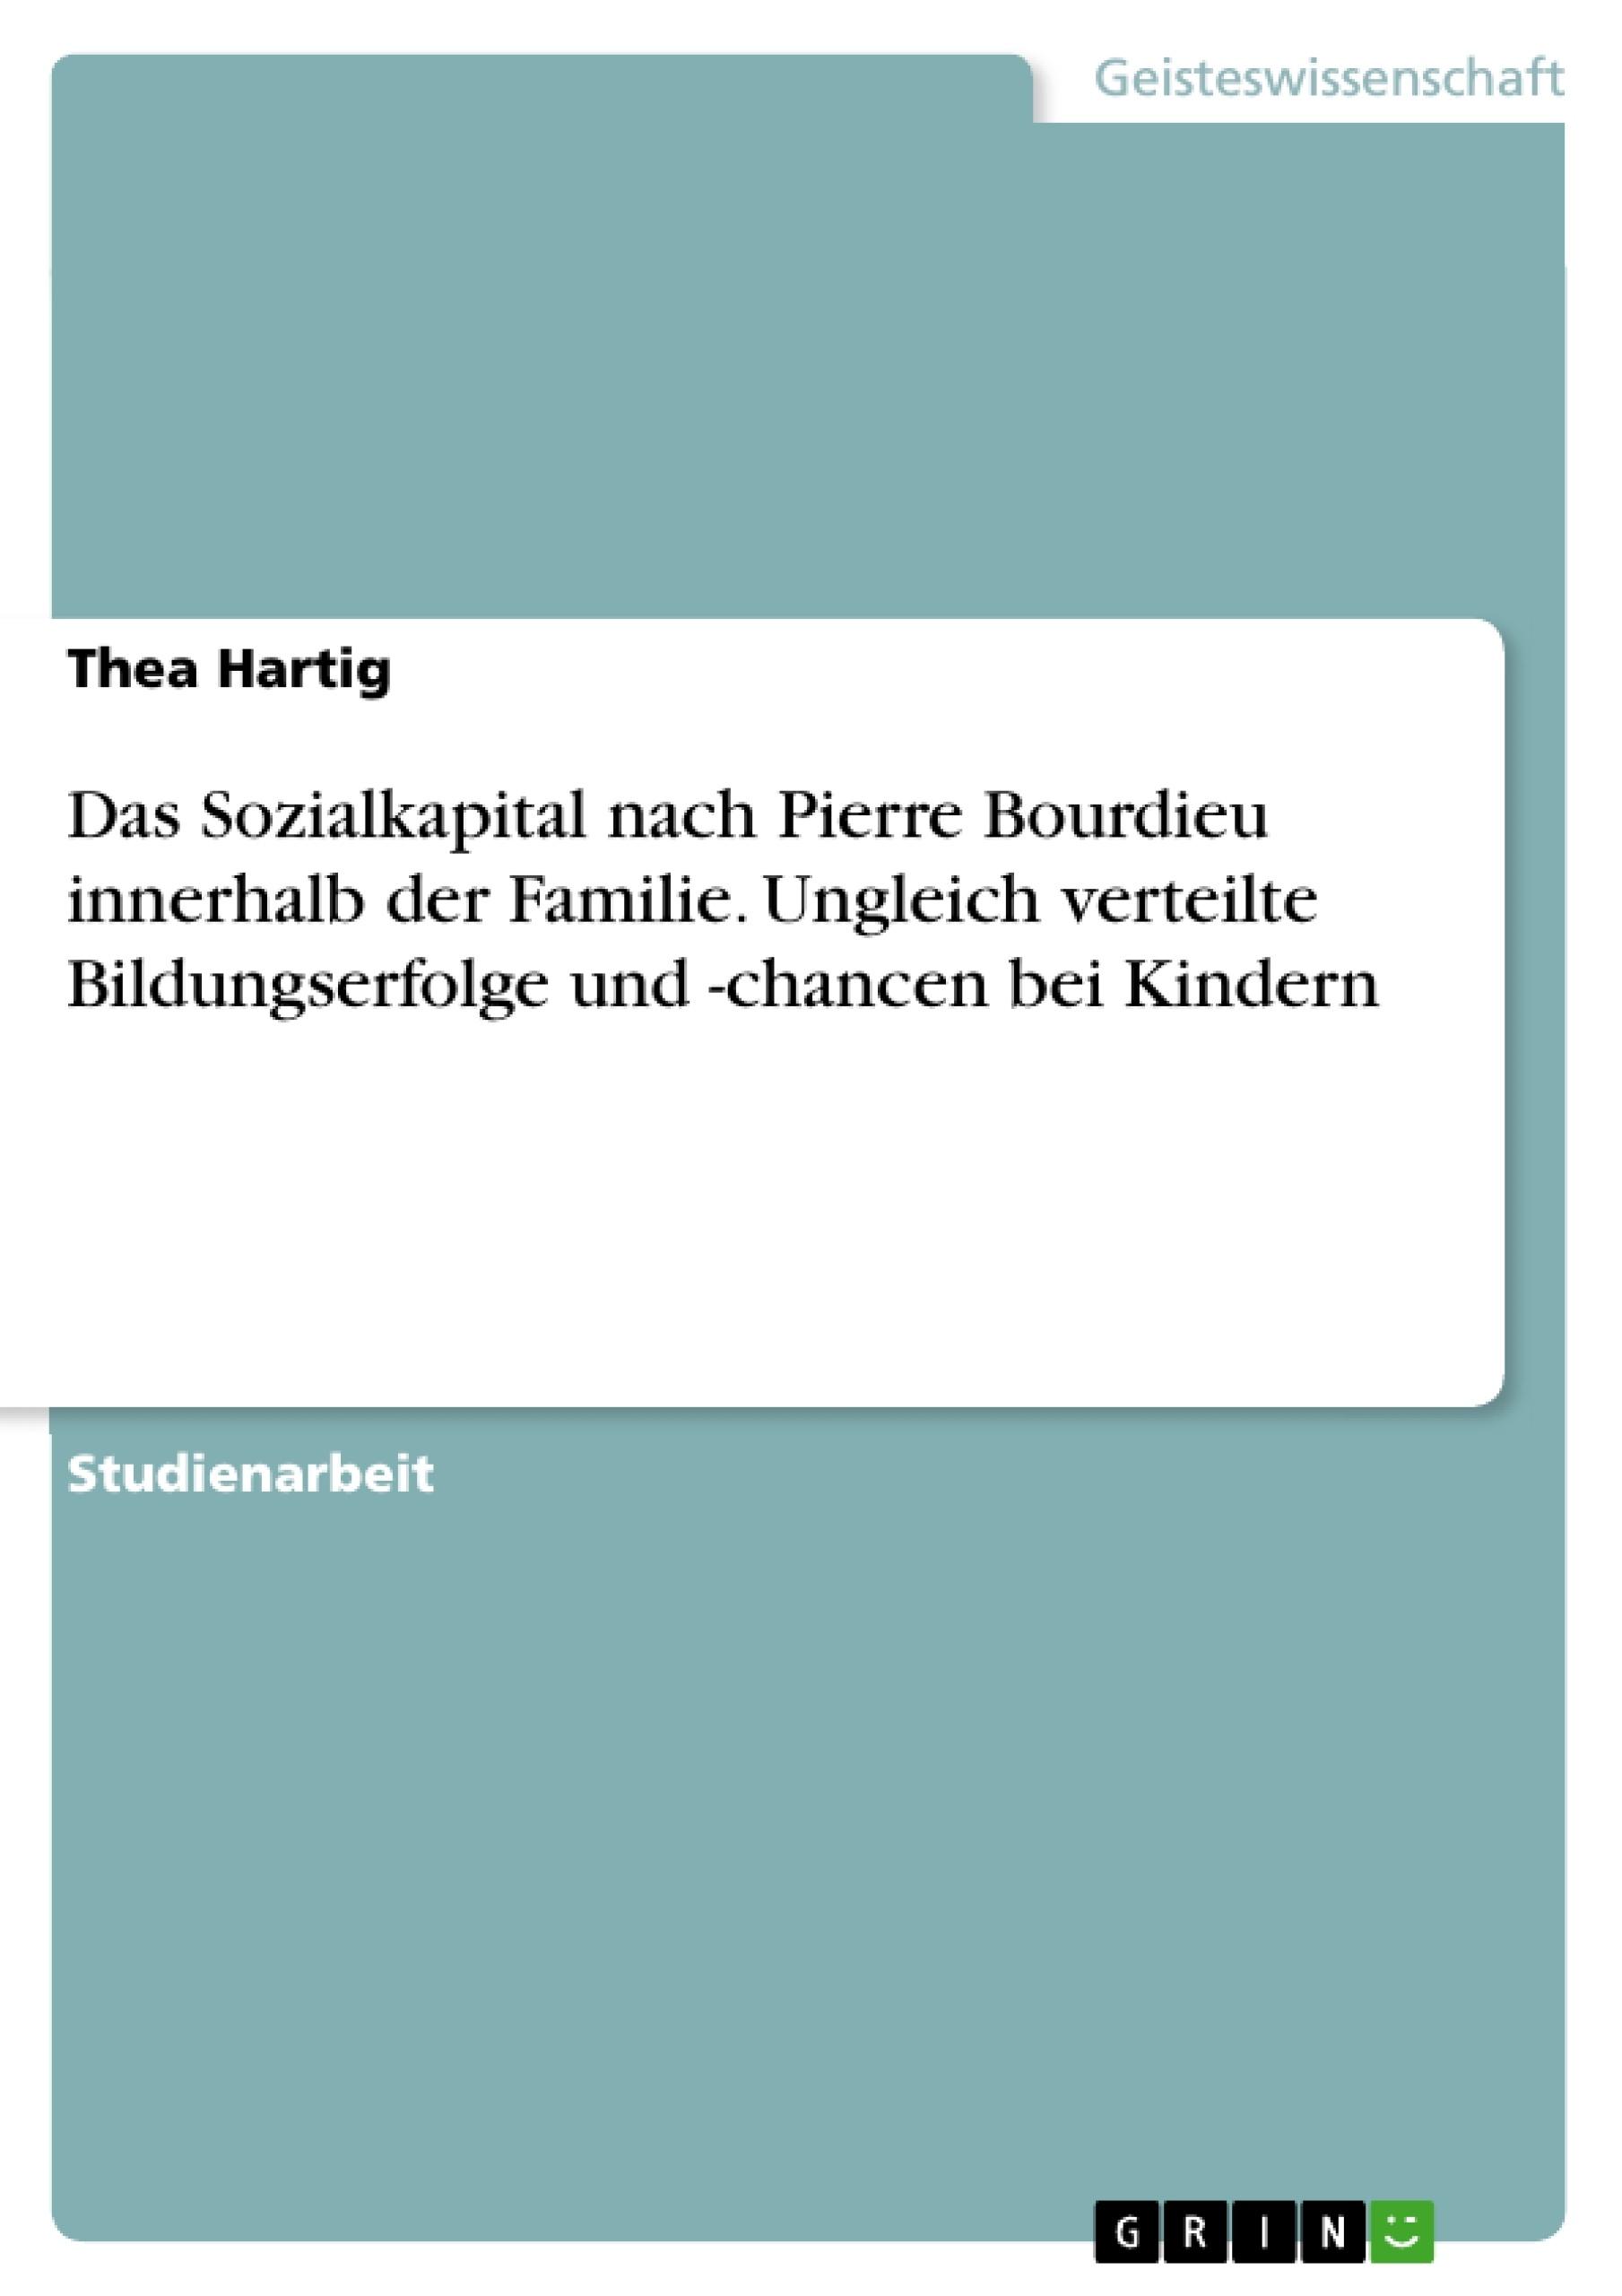 Titel: Das Sozialkapital nach Pierre Bourdieu innerhalb der Familie. Ungleich verteilte Bildungserfolge und -chancen bei Kindern